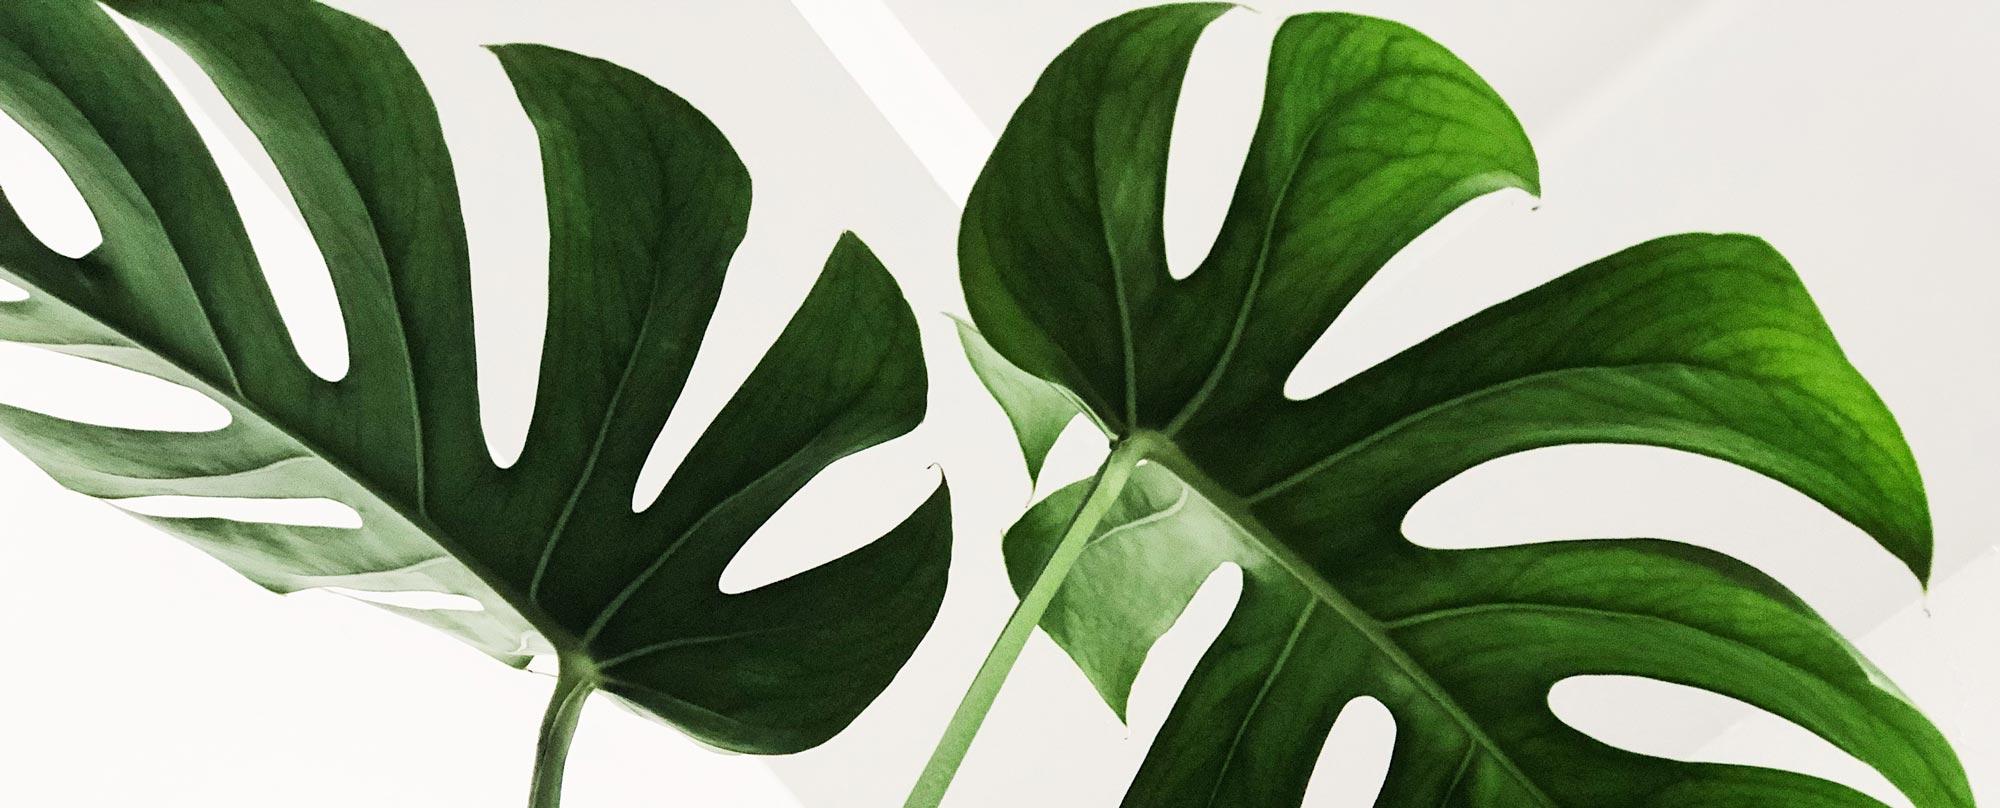 """Was ist Nachhaltigkeit? - Der Begriff """"Nachhaltigkeit"""" prägte bereits vor über 30 Jahren die World Commission on Environment and Development, kurz WCED. Diese betonte, dass man Bedürfnisse der heutigen Zeit verfolgen könne, solange zukünftige Generationen nicht gefährdet würden."""